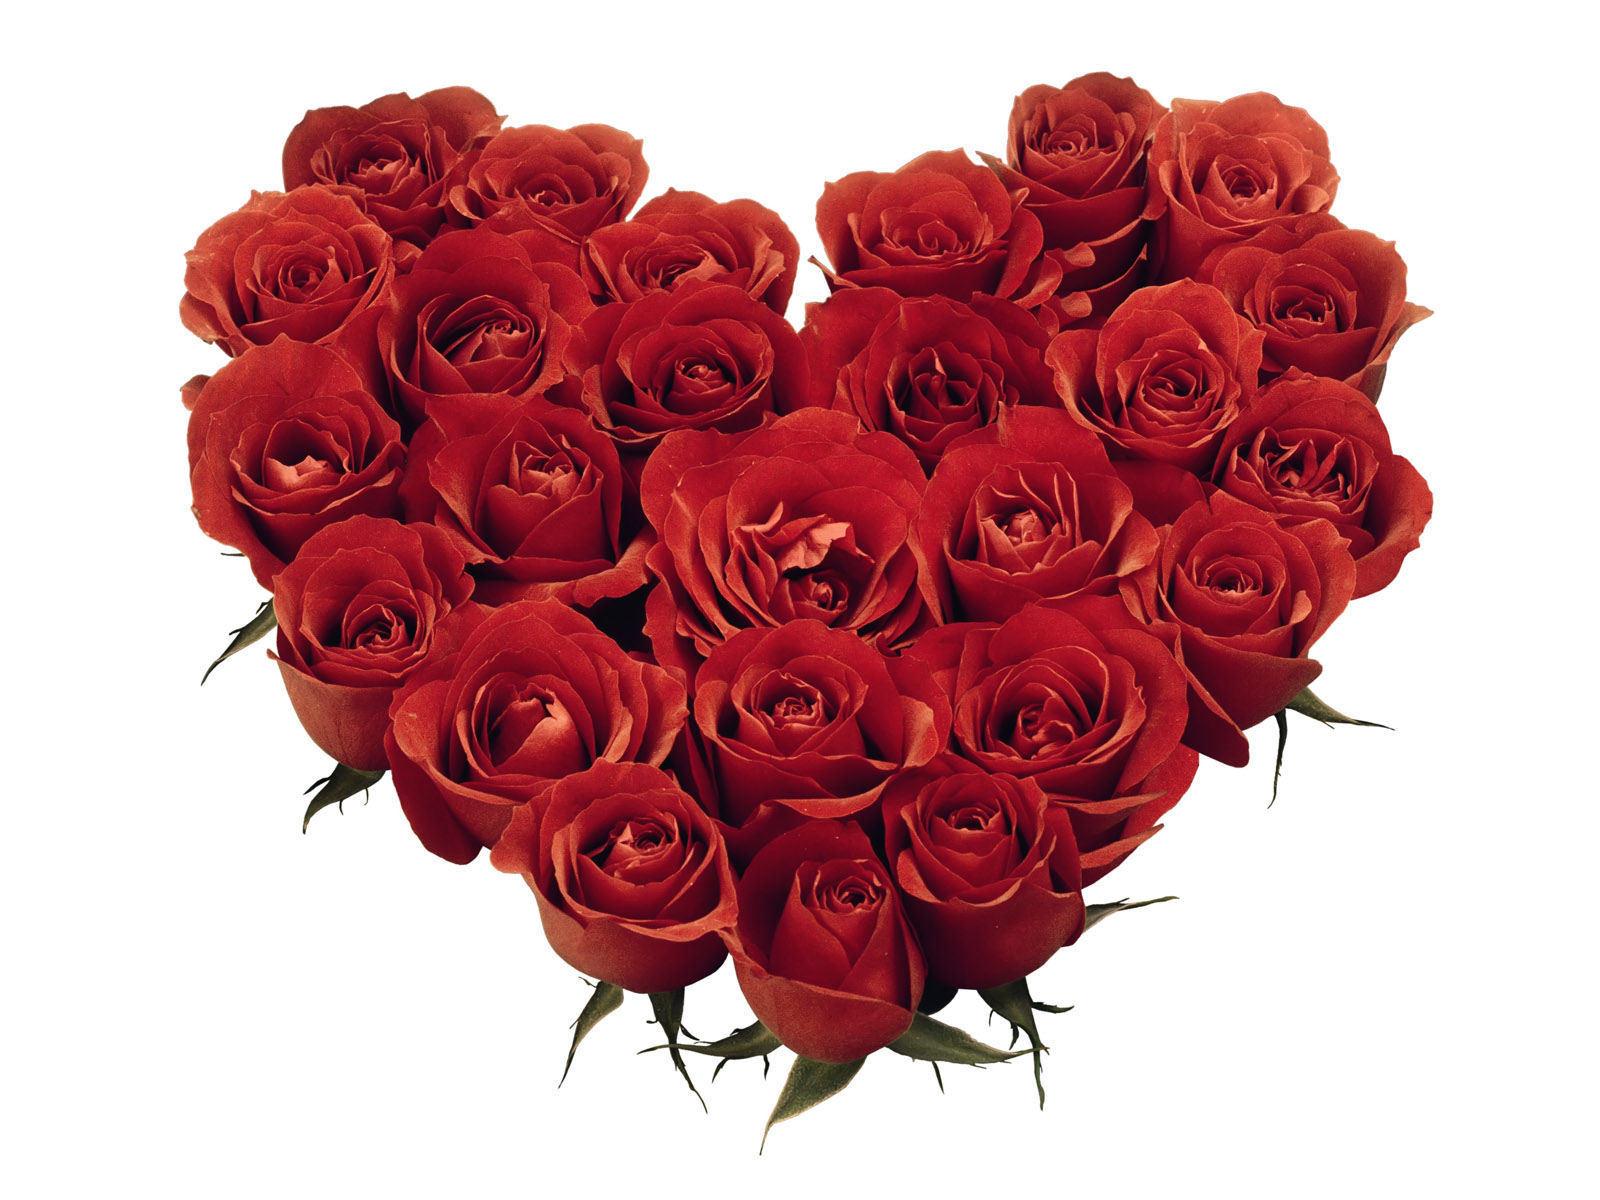 Ảnh hoa hồng nhung tạo hình quả tim tình yêu